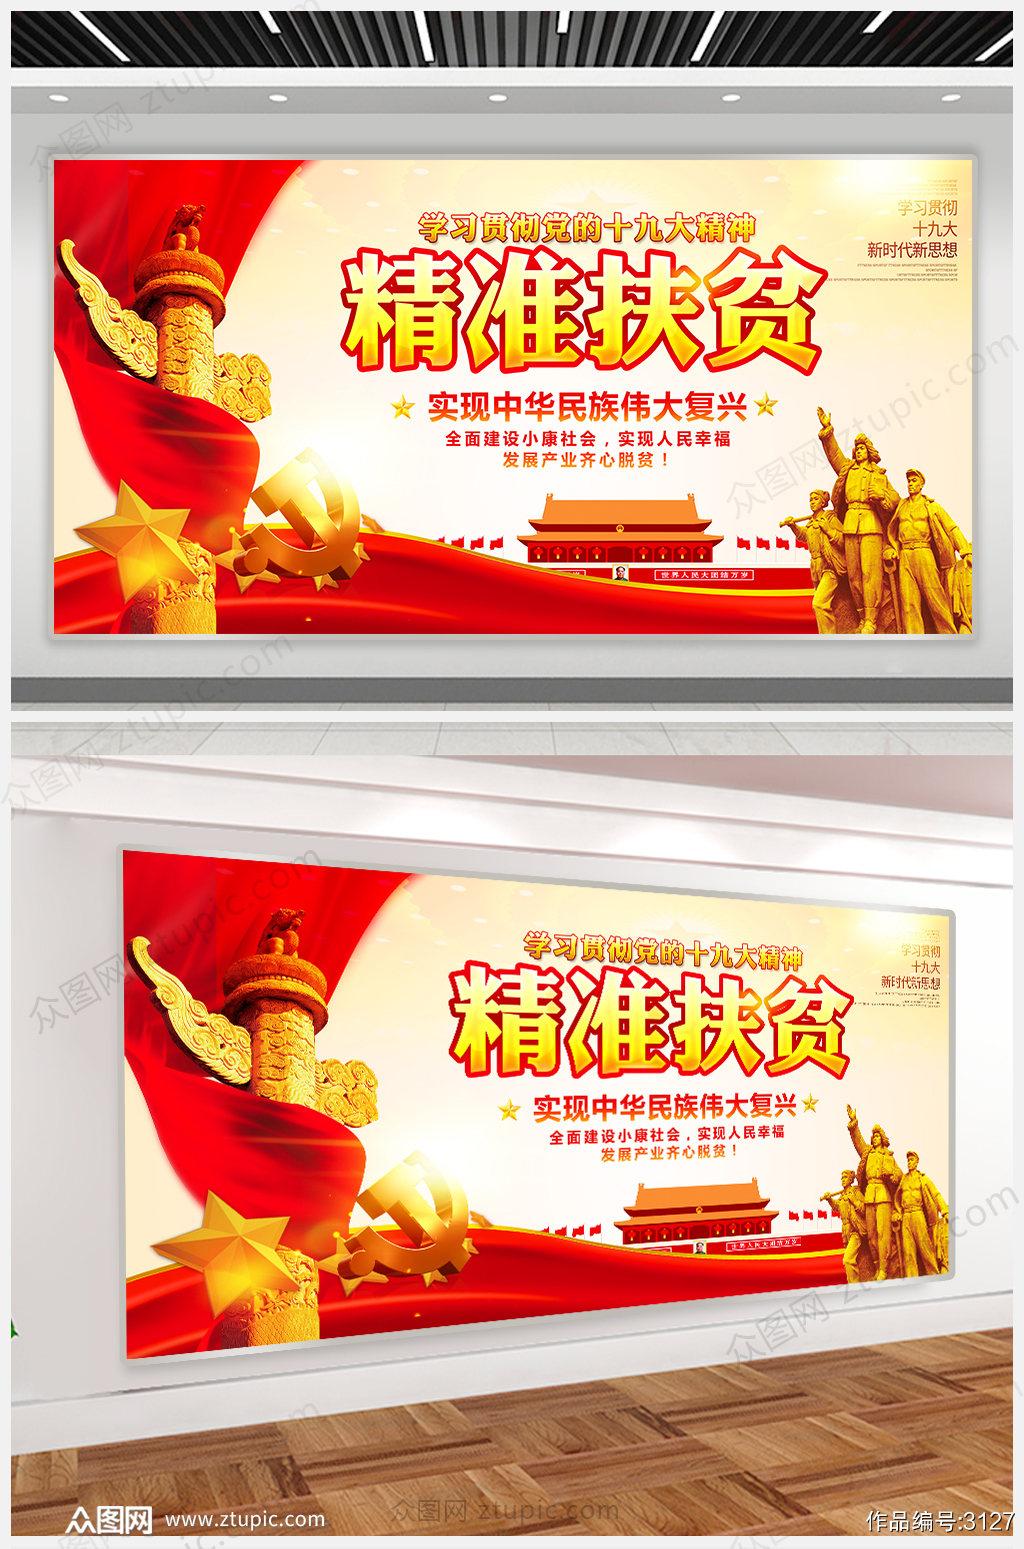 十九大精准扶贫共筑中国梦大国梦想古典党建异形展板素材